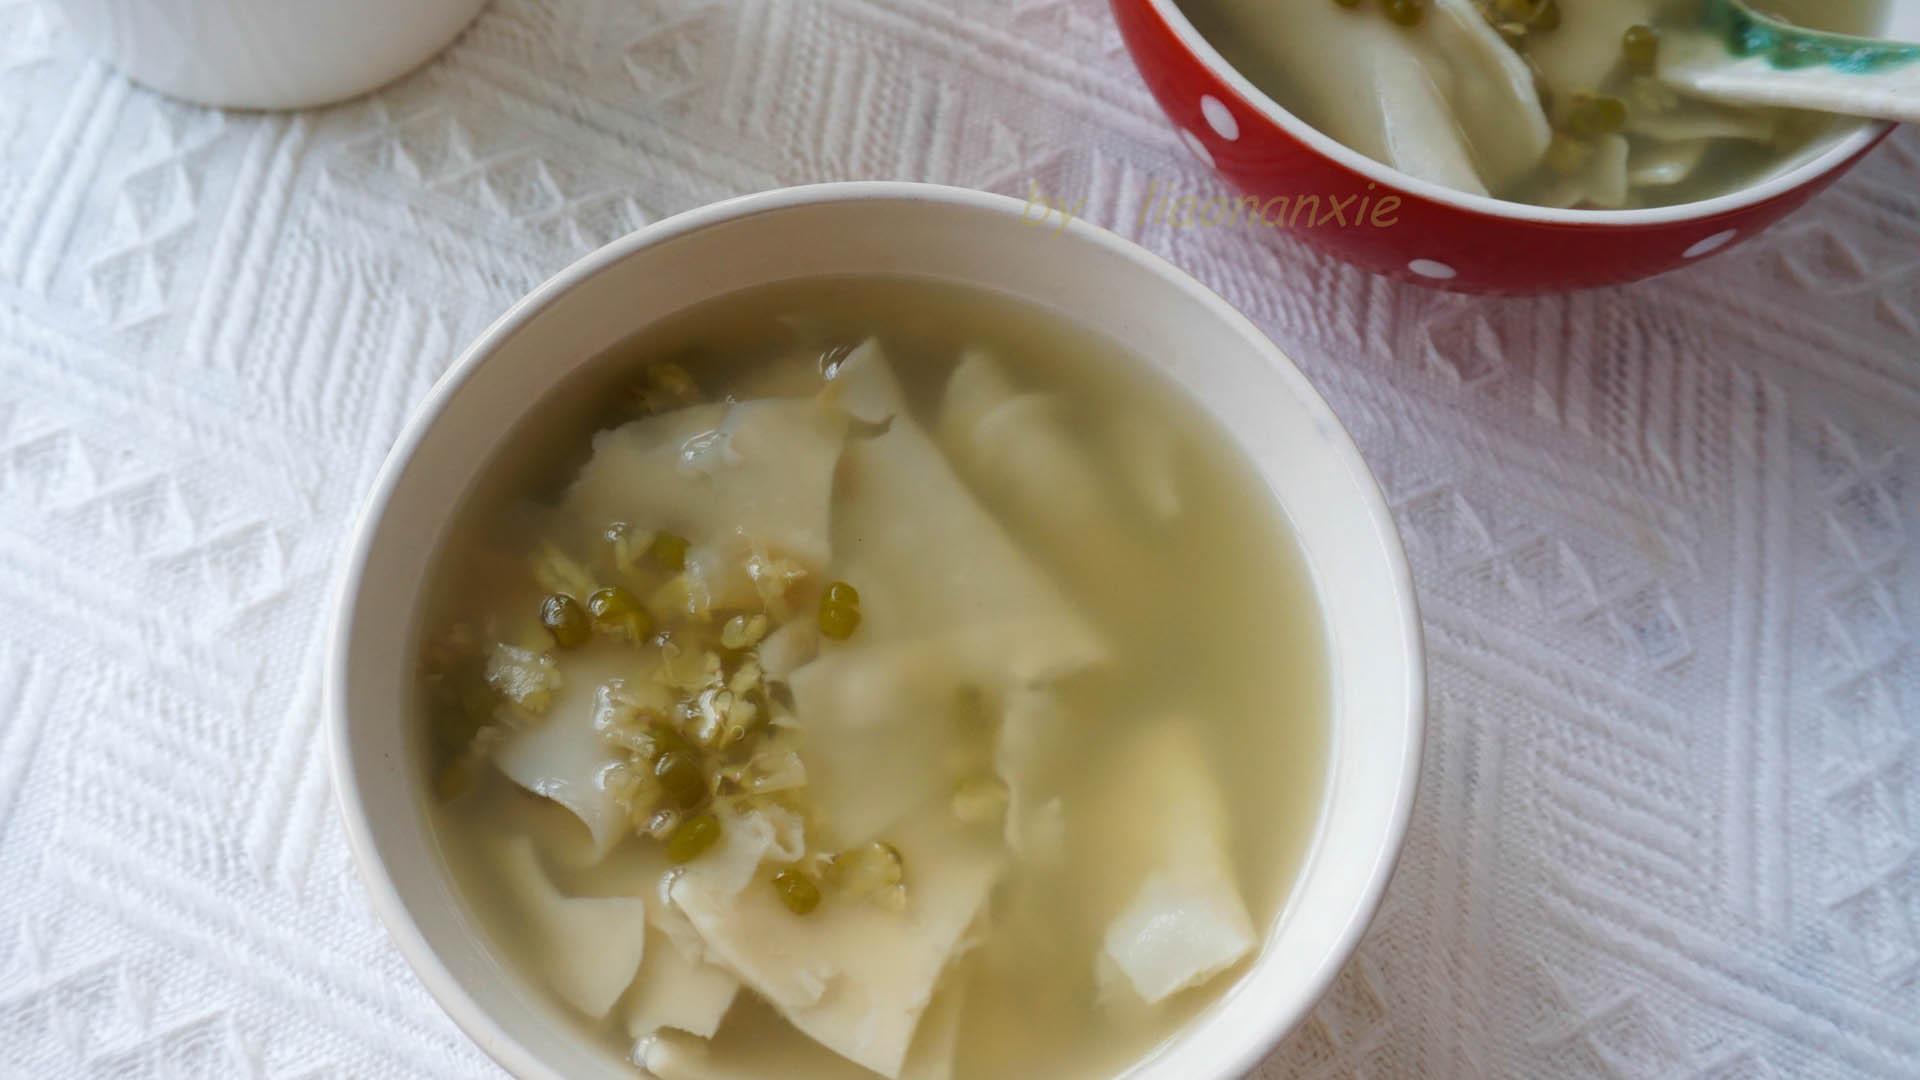 入伏后,全家都爱喝这汤,一碗下肚,消暑又补水,全身都觉得舒服